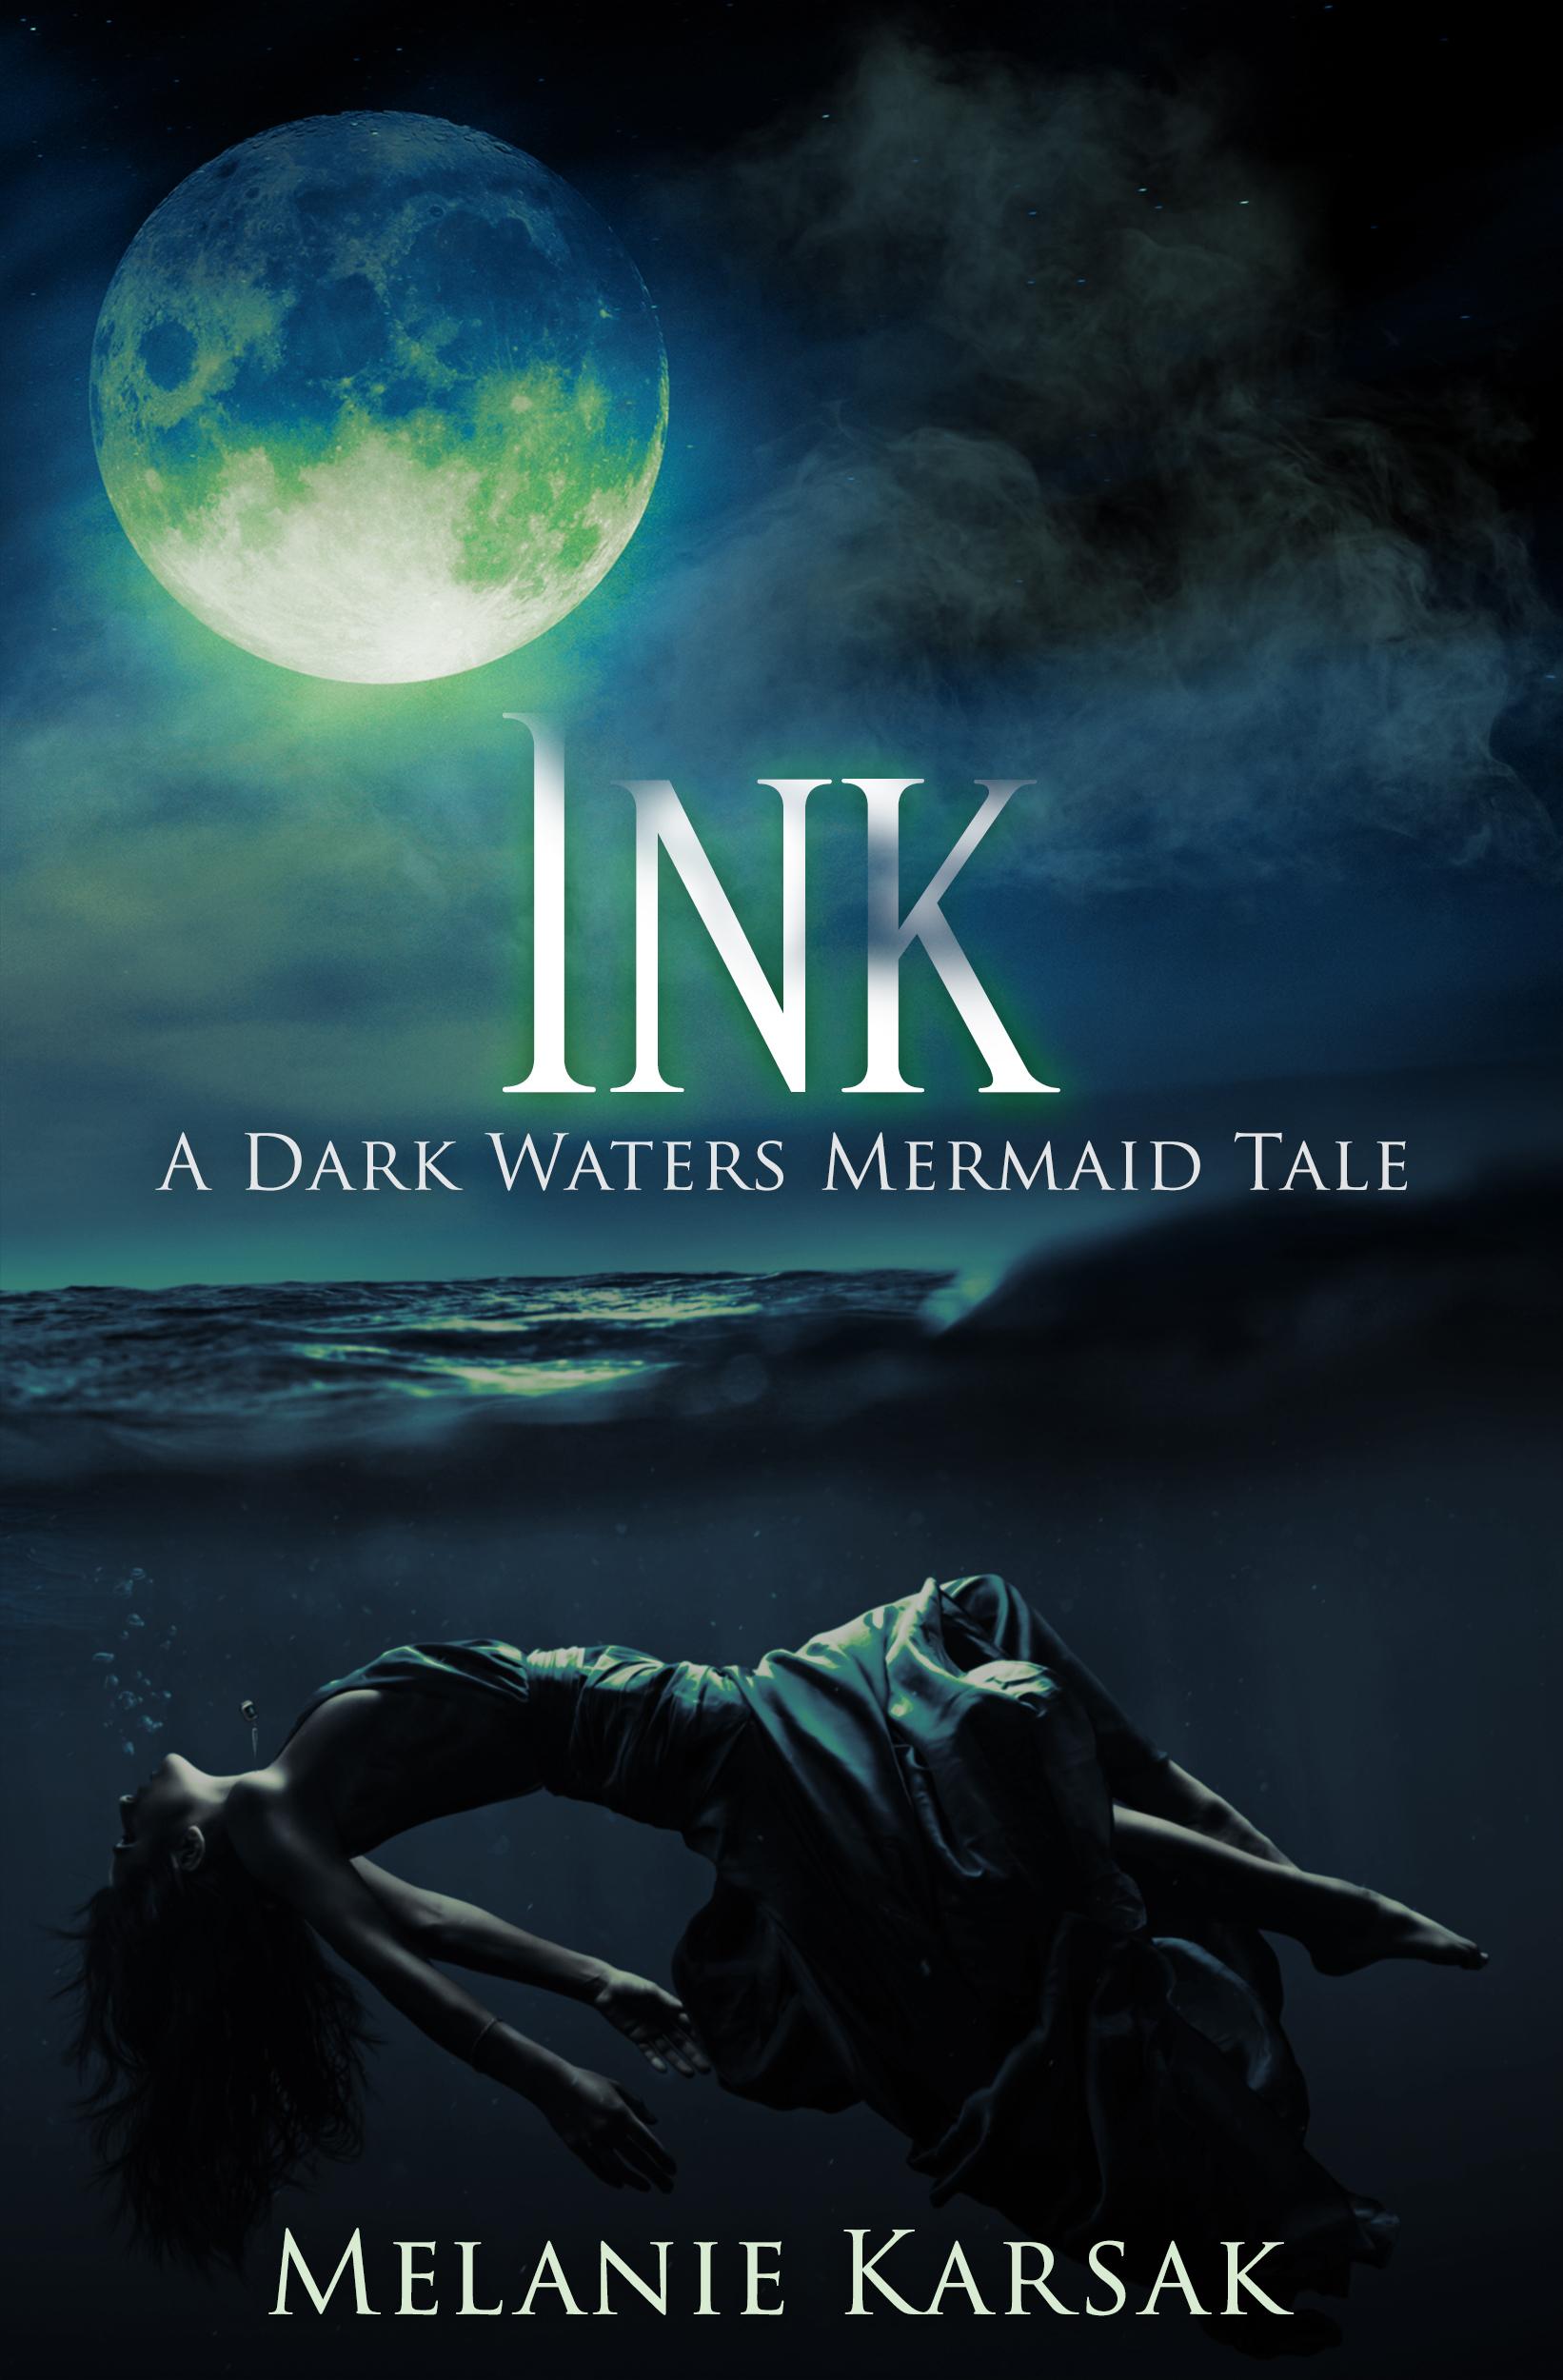 Ink by Melanie Karsak